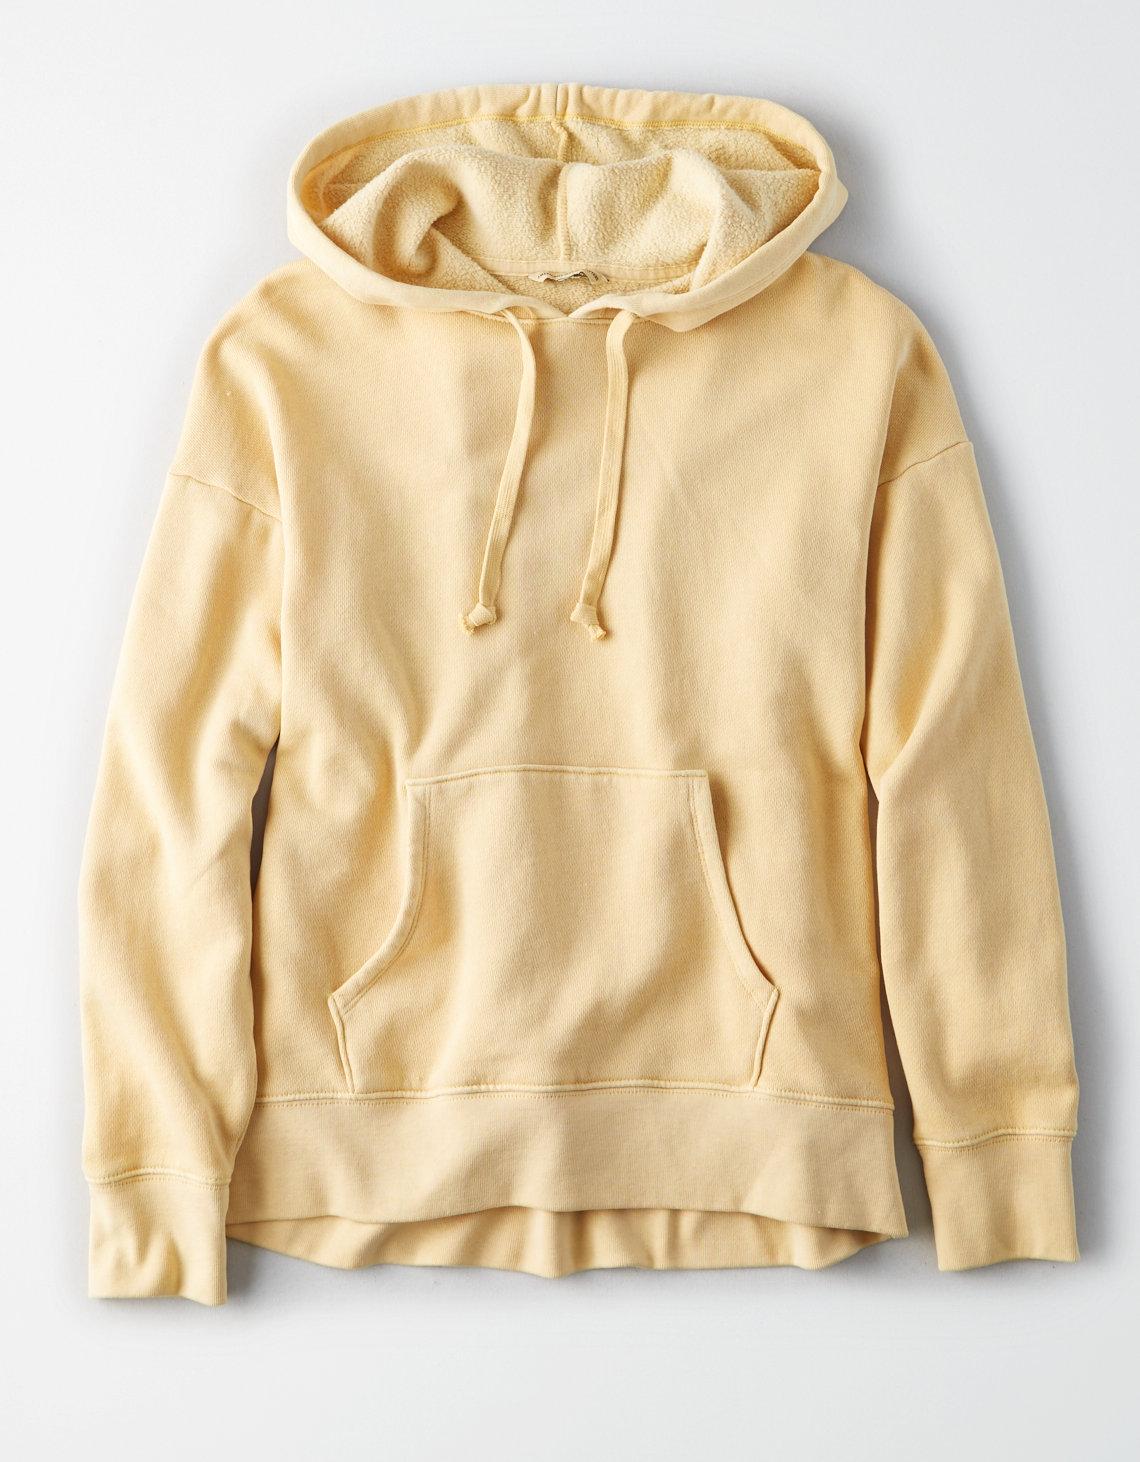 AE Lived & Loved Hoodie Sweatshirt